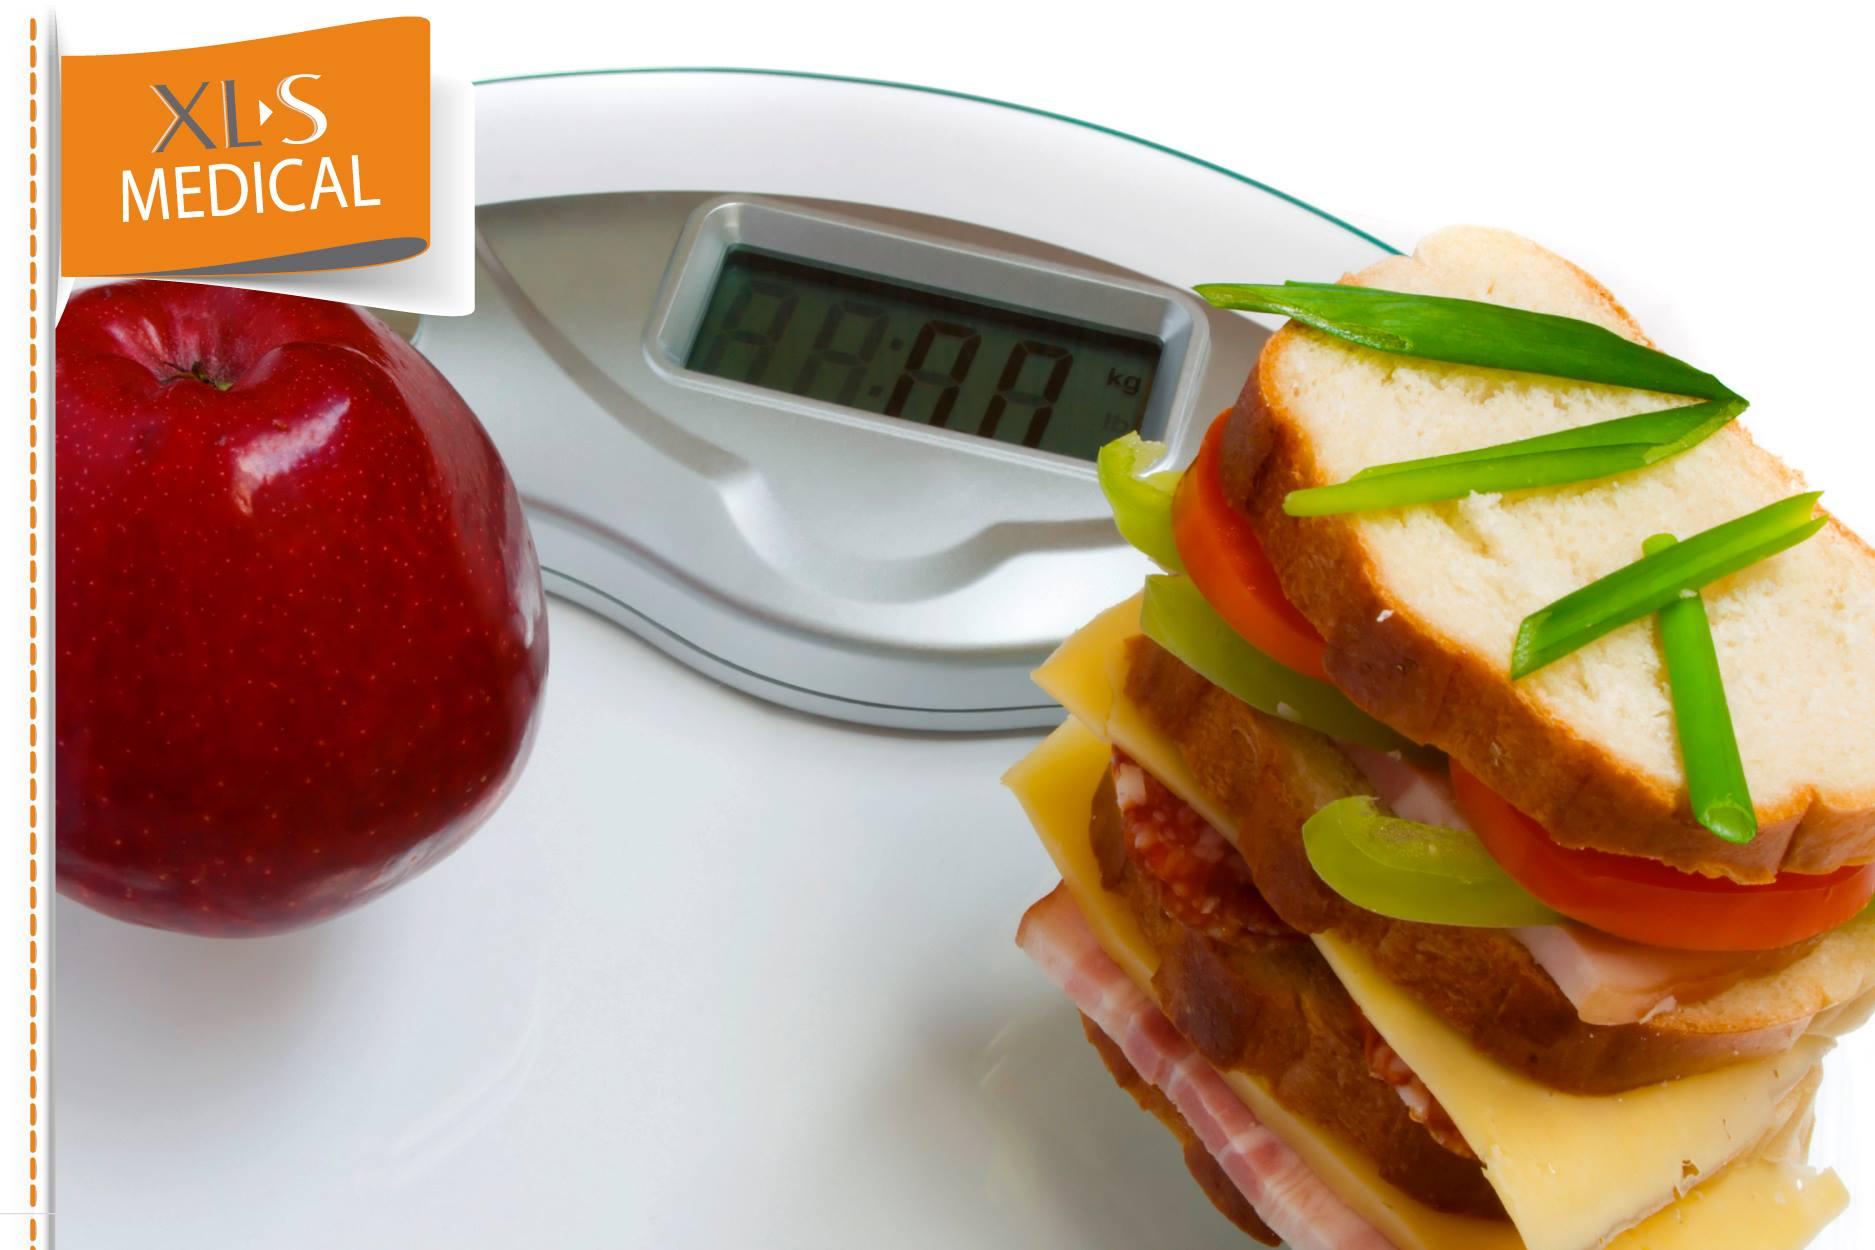 XL-S Medical este noul meu ajutor în dieta de slăbit